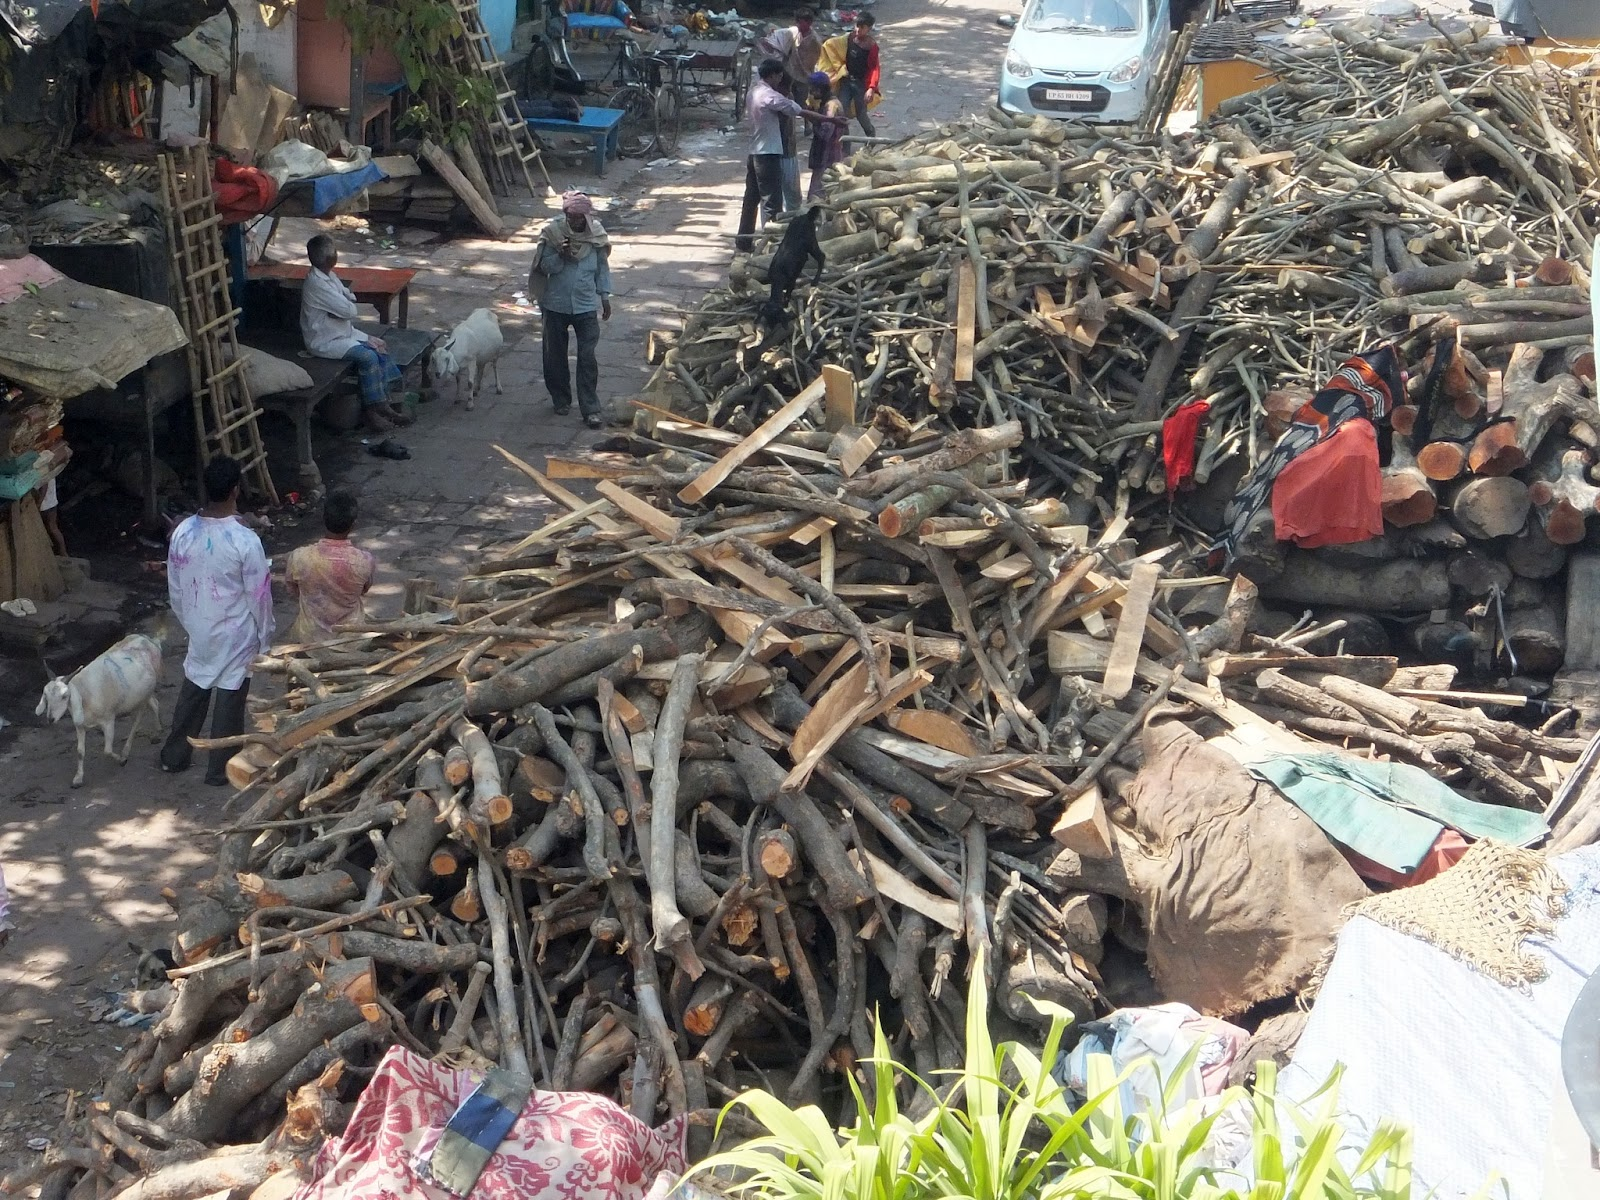 груды дров для кремации на улице в Варанаси